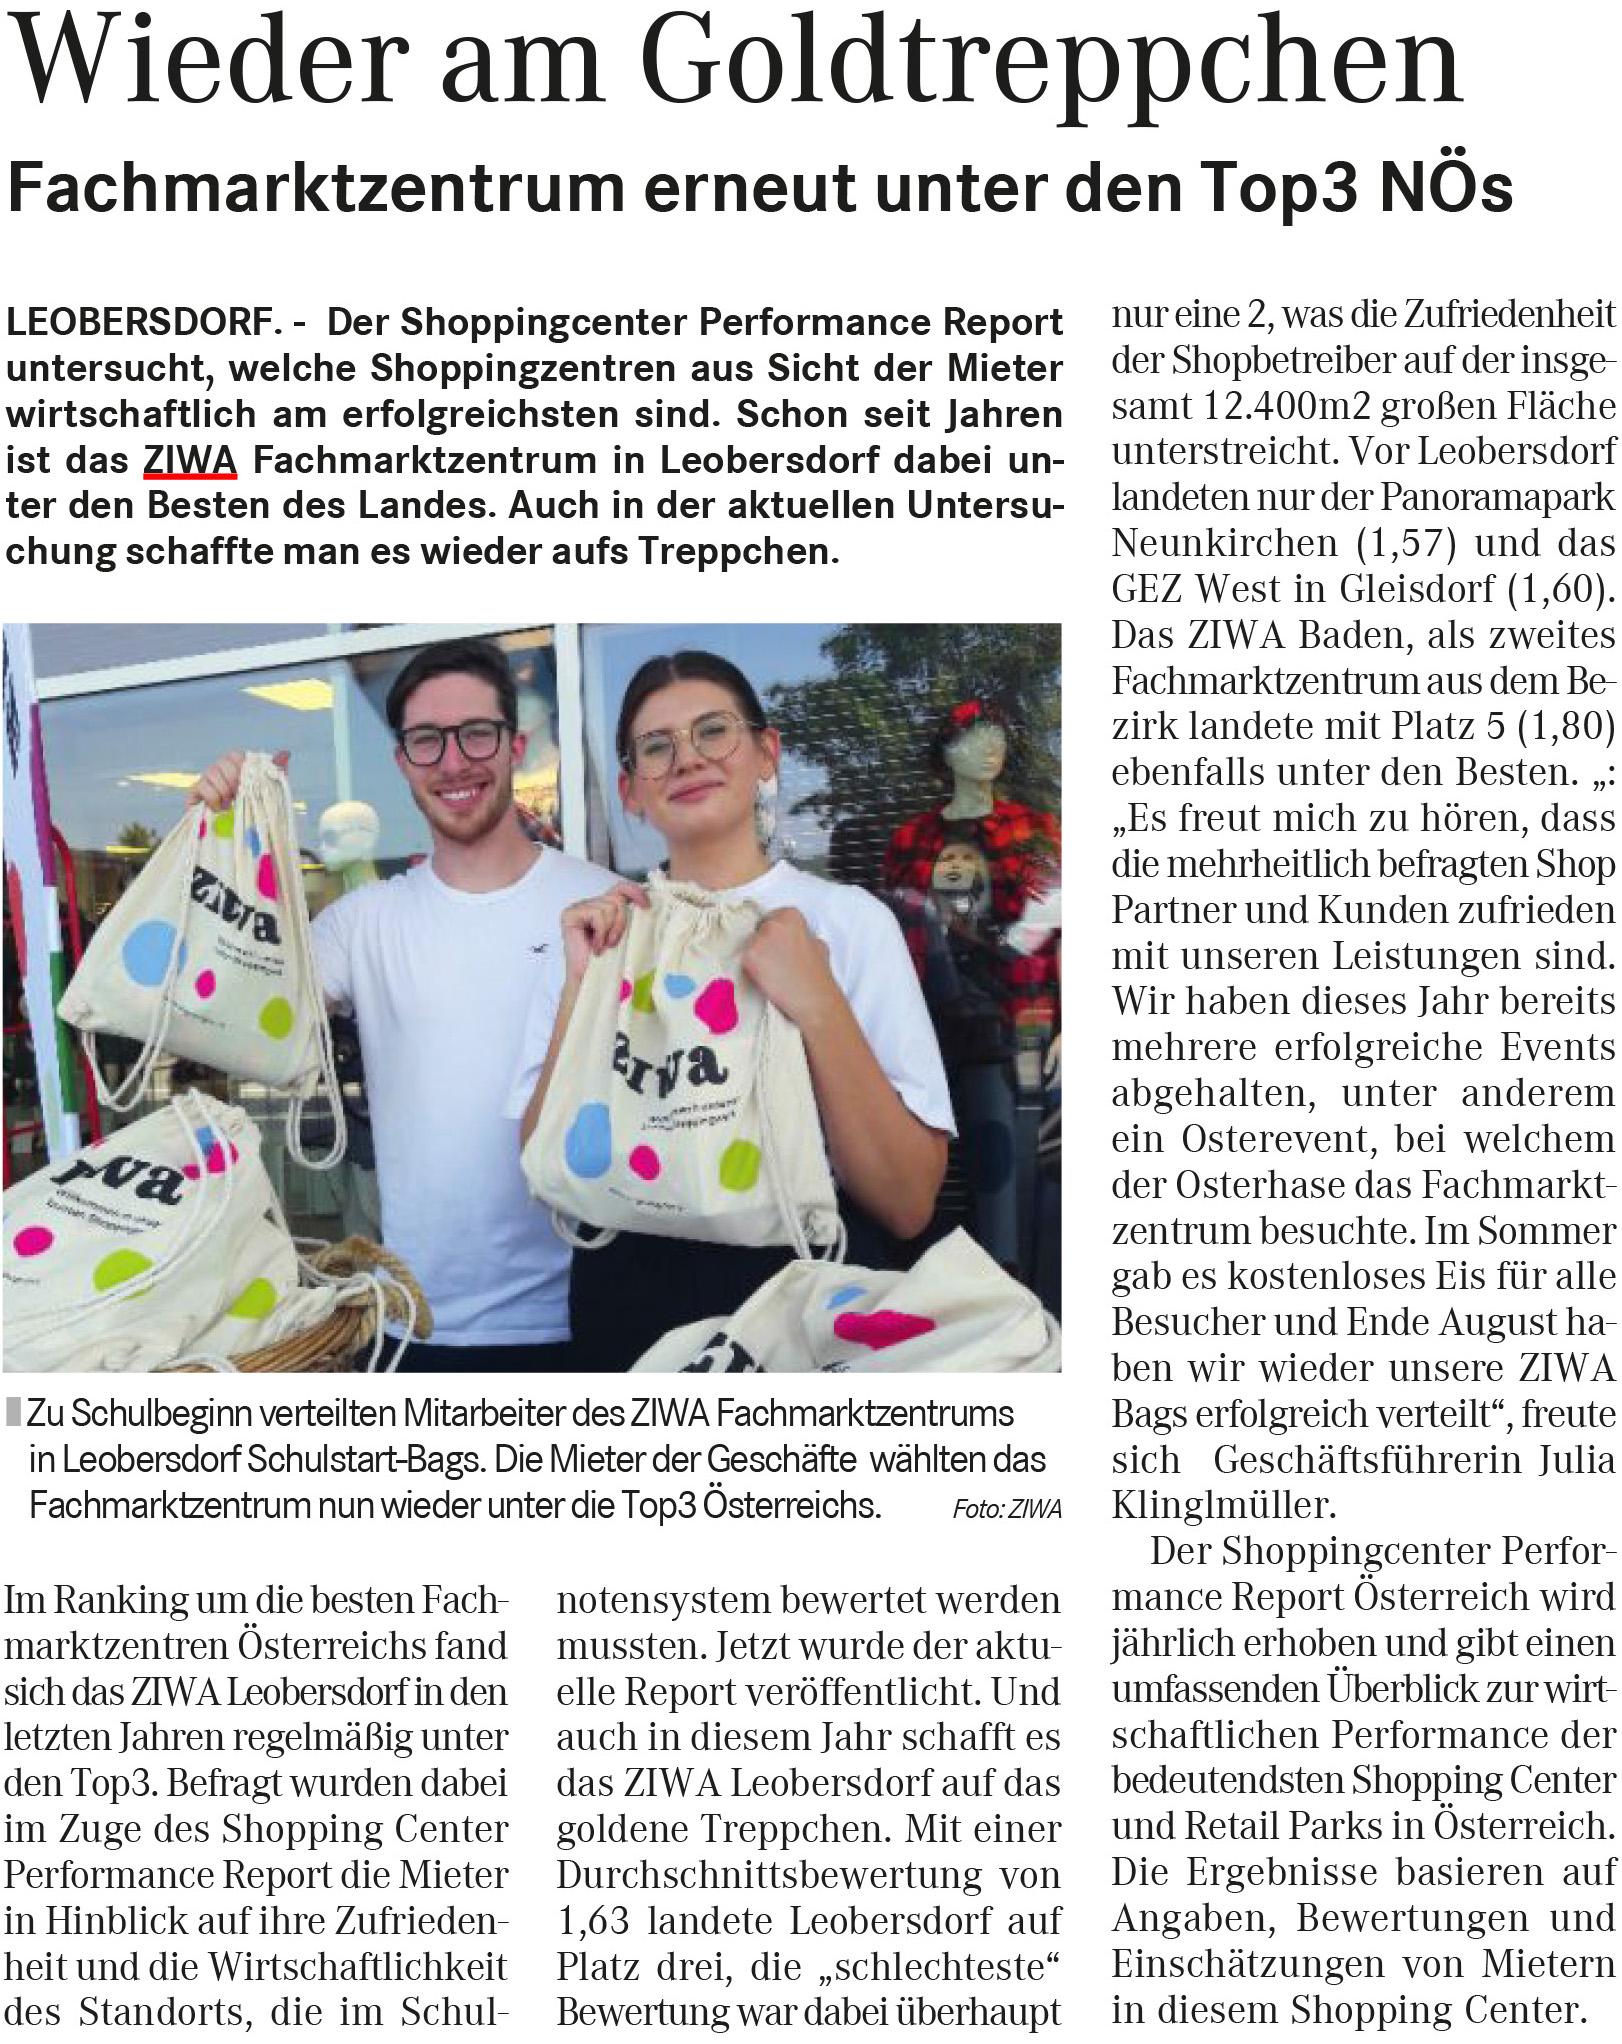 04/Nachrichten_Zeitungsartikel_ZIWA_01.jpg